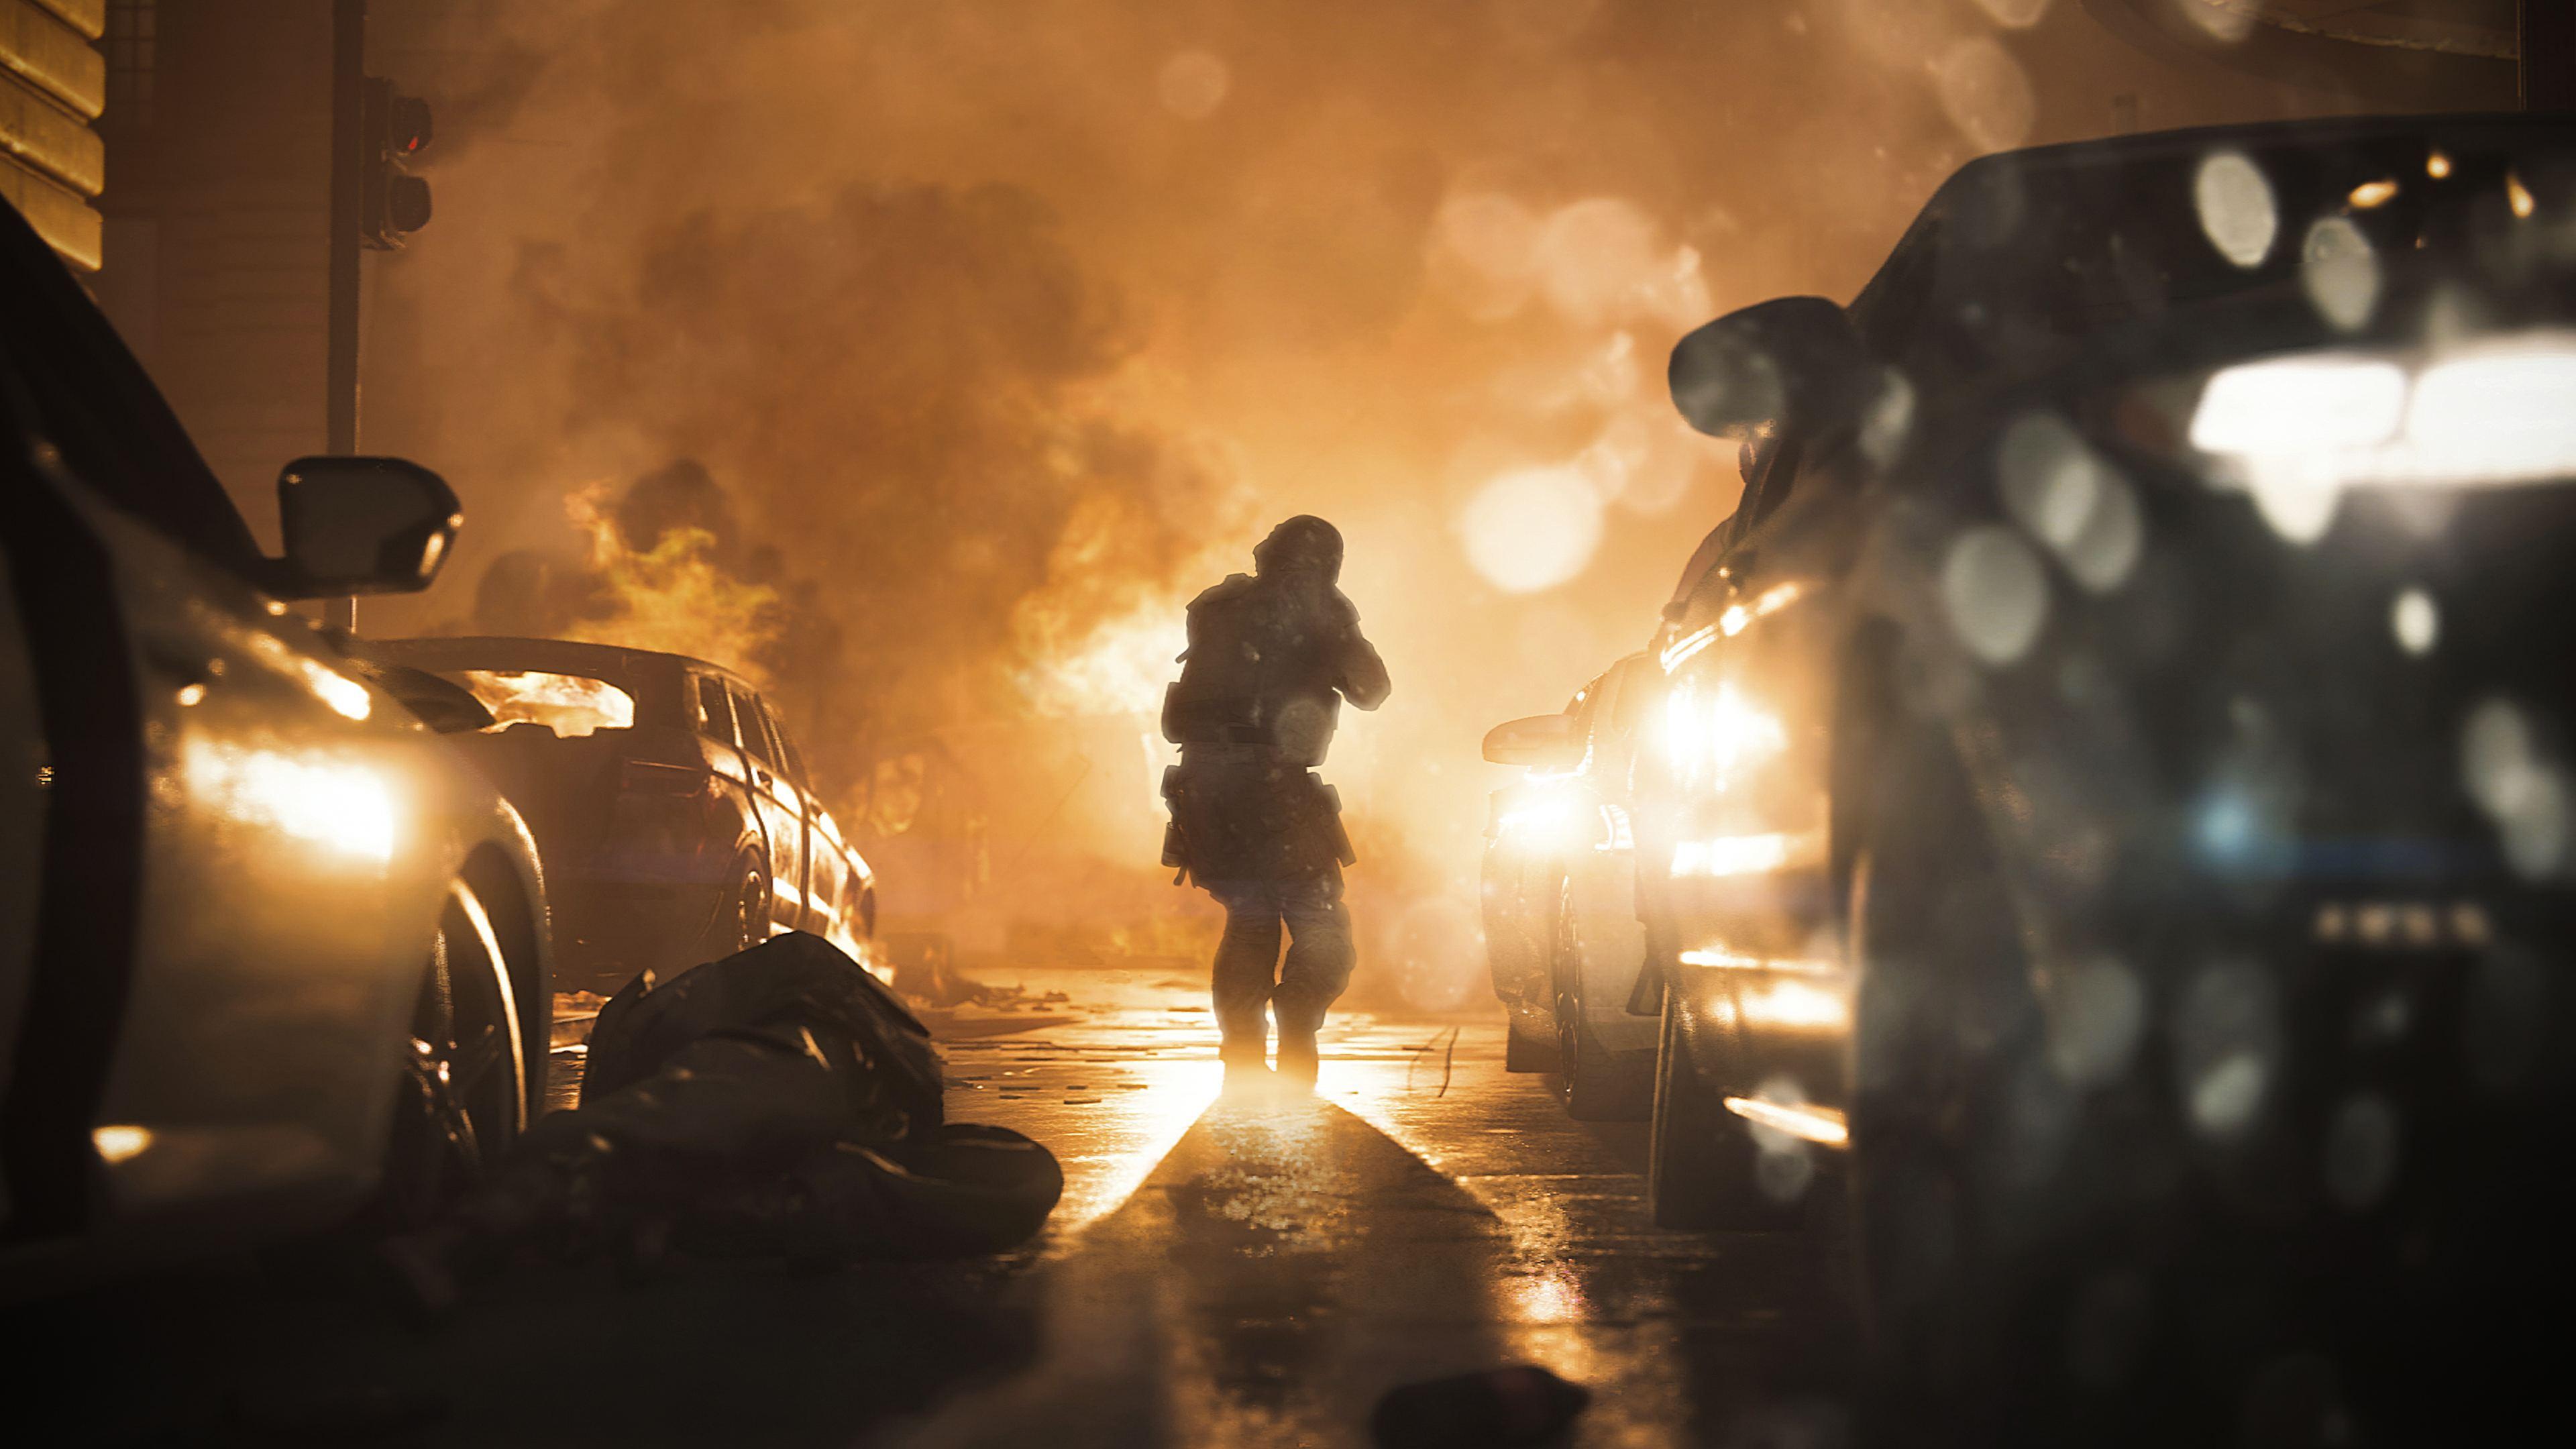 Call of Duty Modern Warfare Screenshot (2)